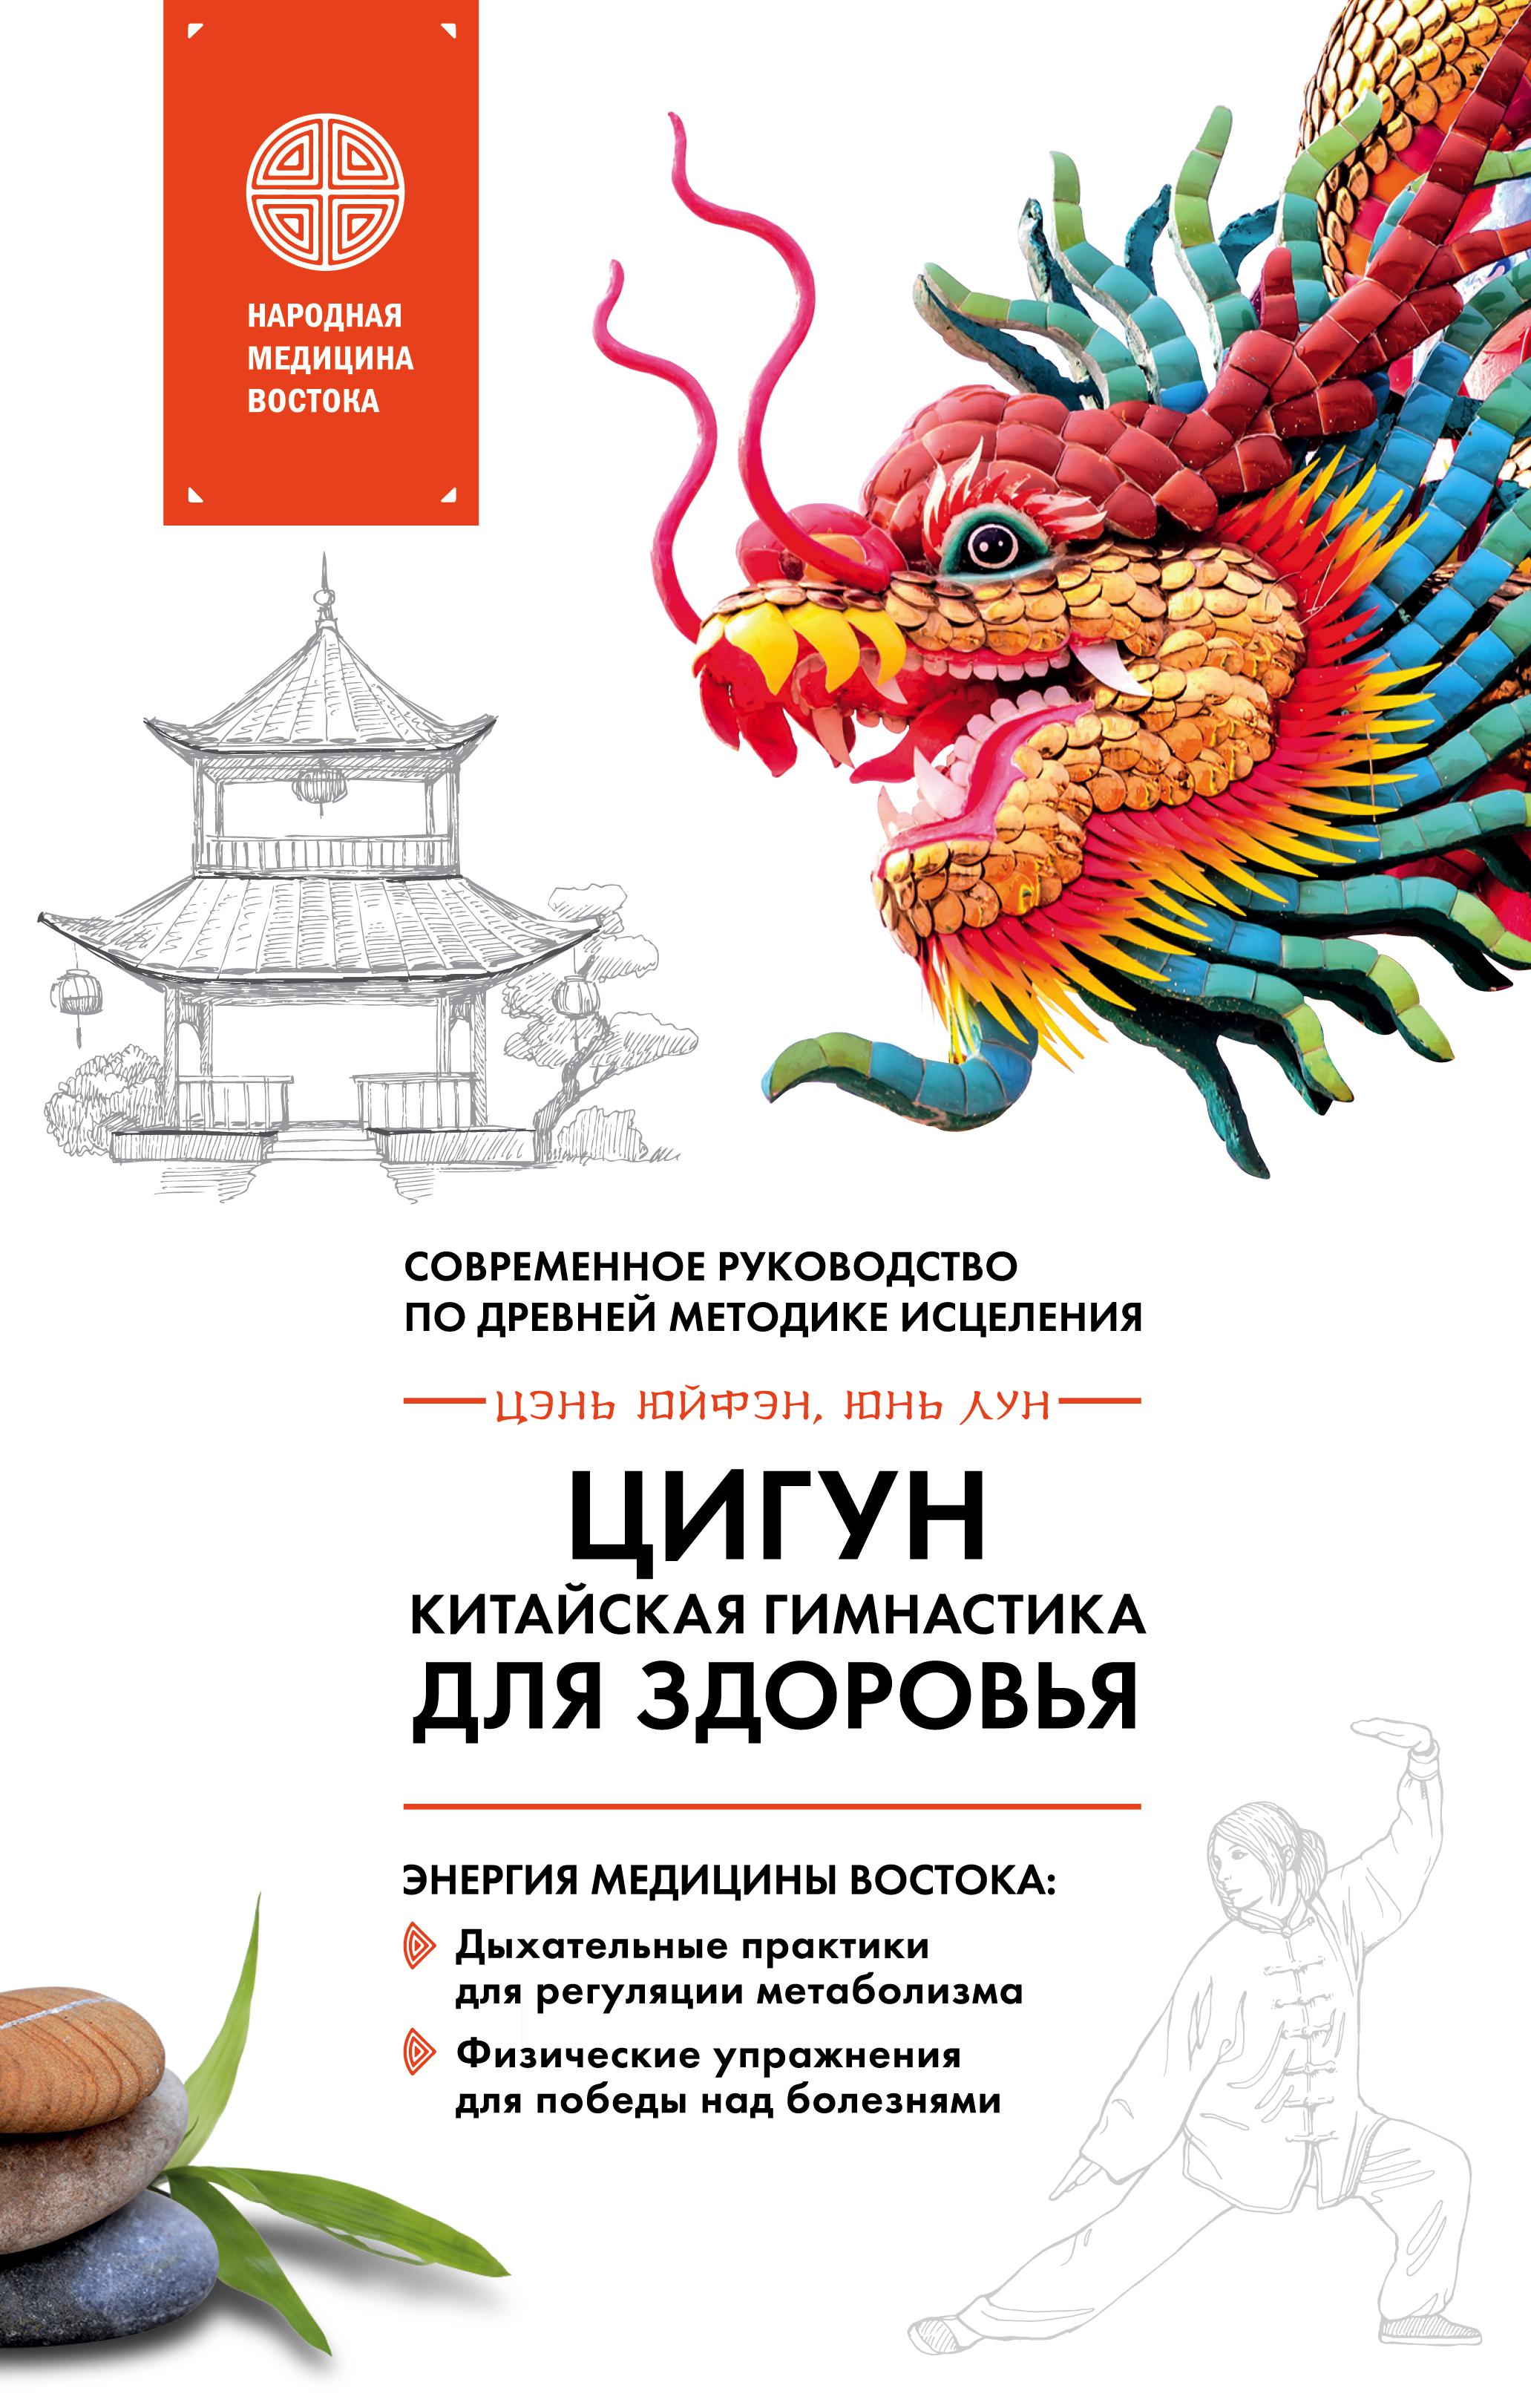 Юнь Лун Цигун – китайская гимнастика для здоровья. Современное руководство по древней методике исцеления церин п тибетская медицина современное руководство по древней методике исцеления